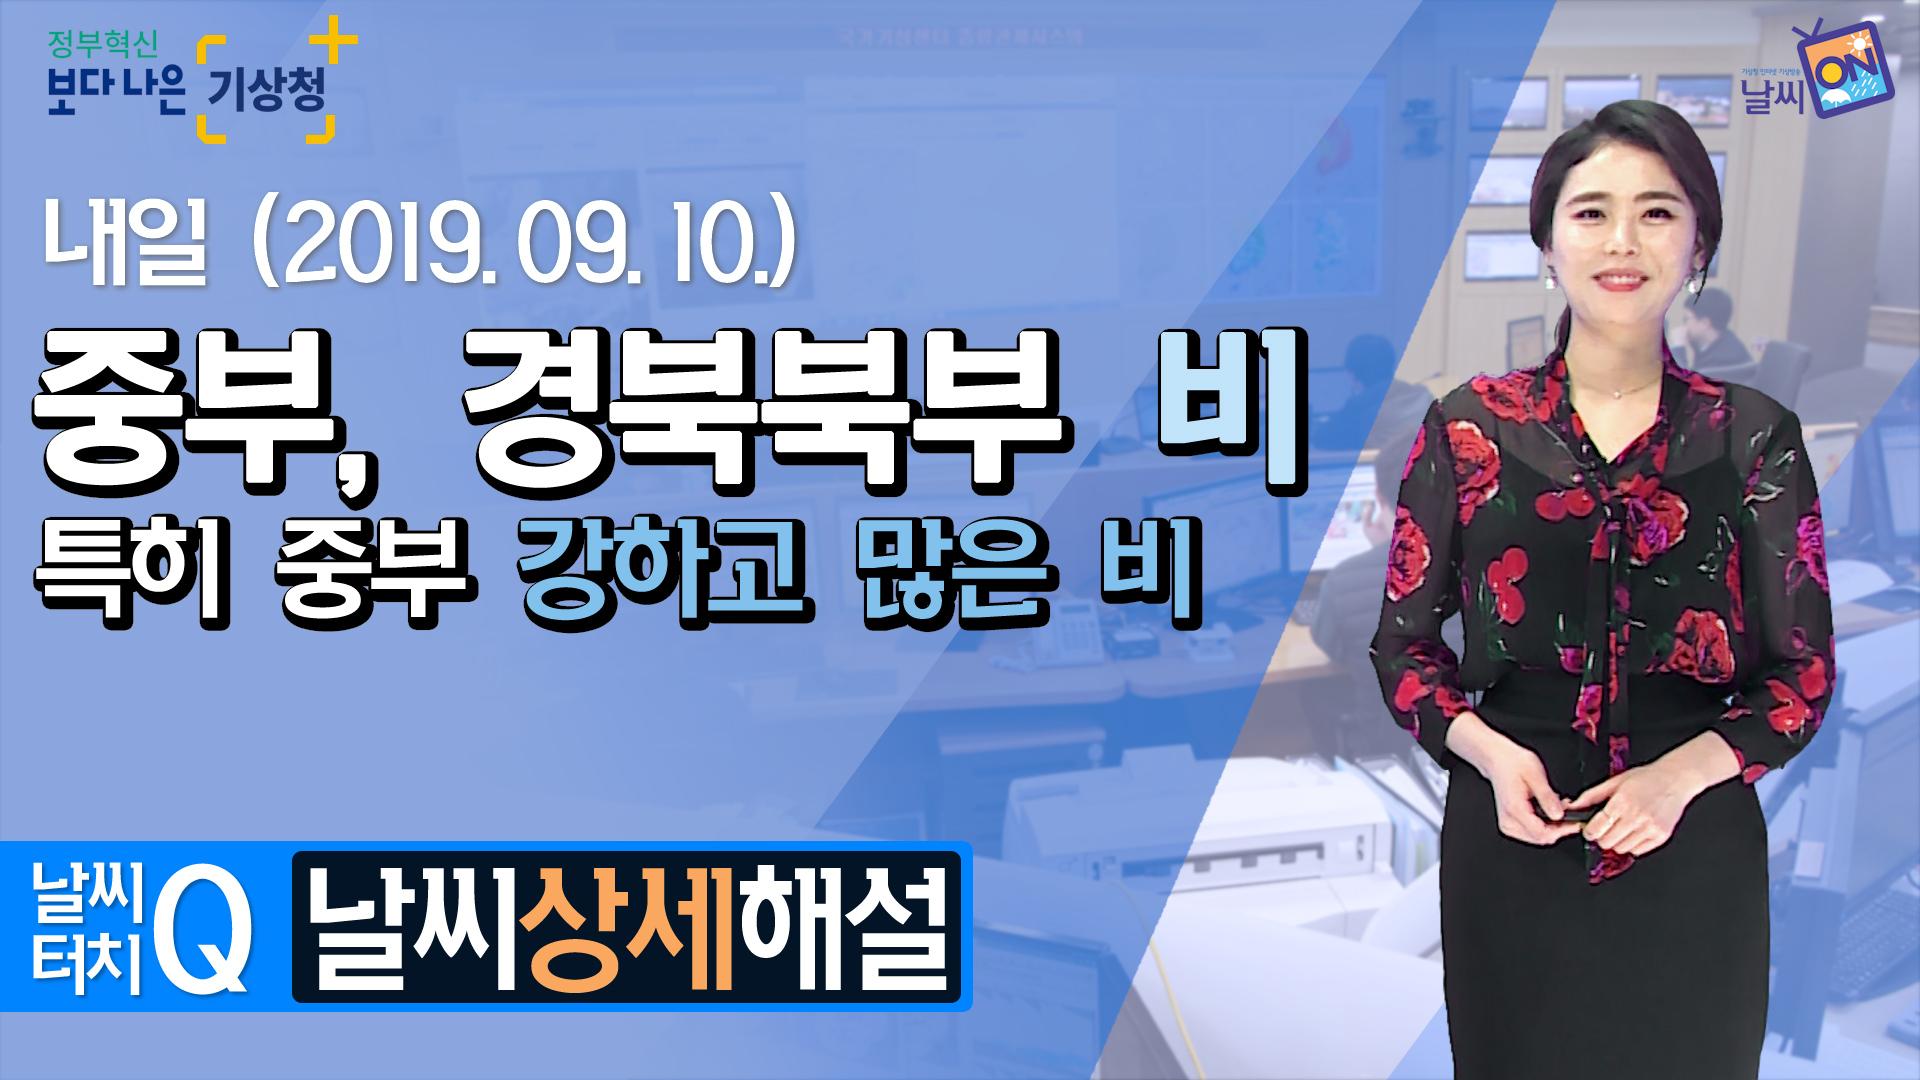 [19시] 9월 10일(화) 중부, 경북북부 비, 특히 중부 강하고 많은 비